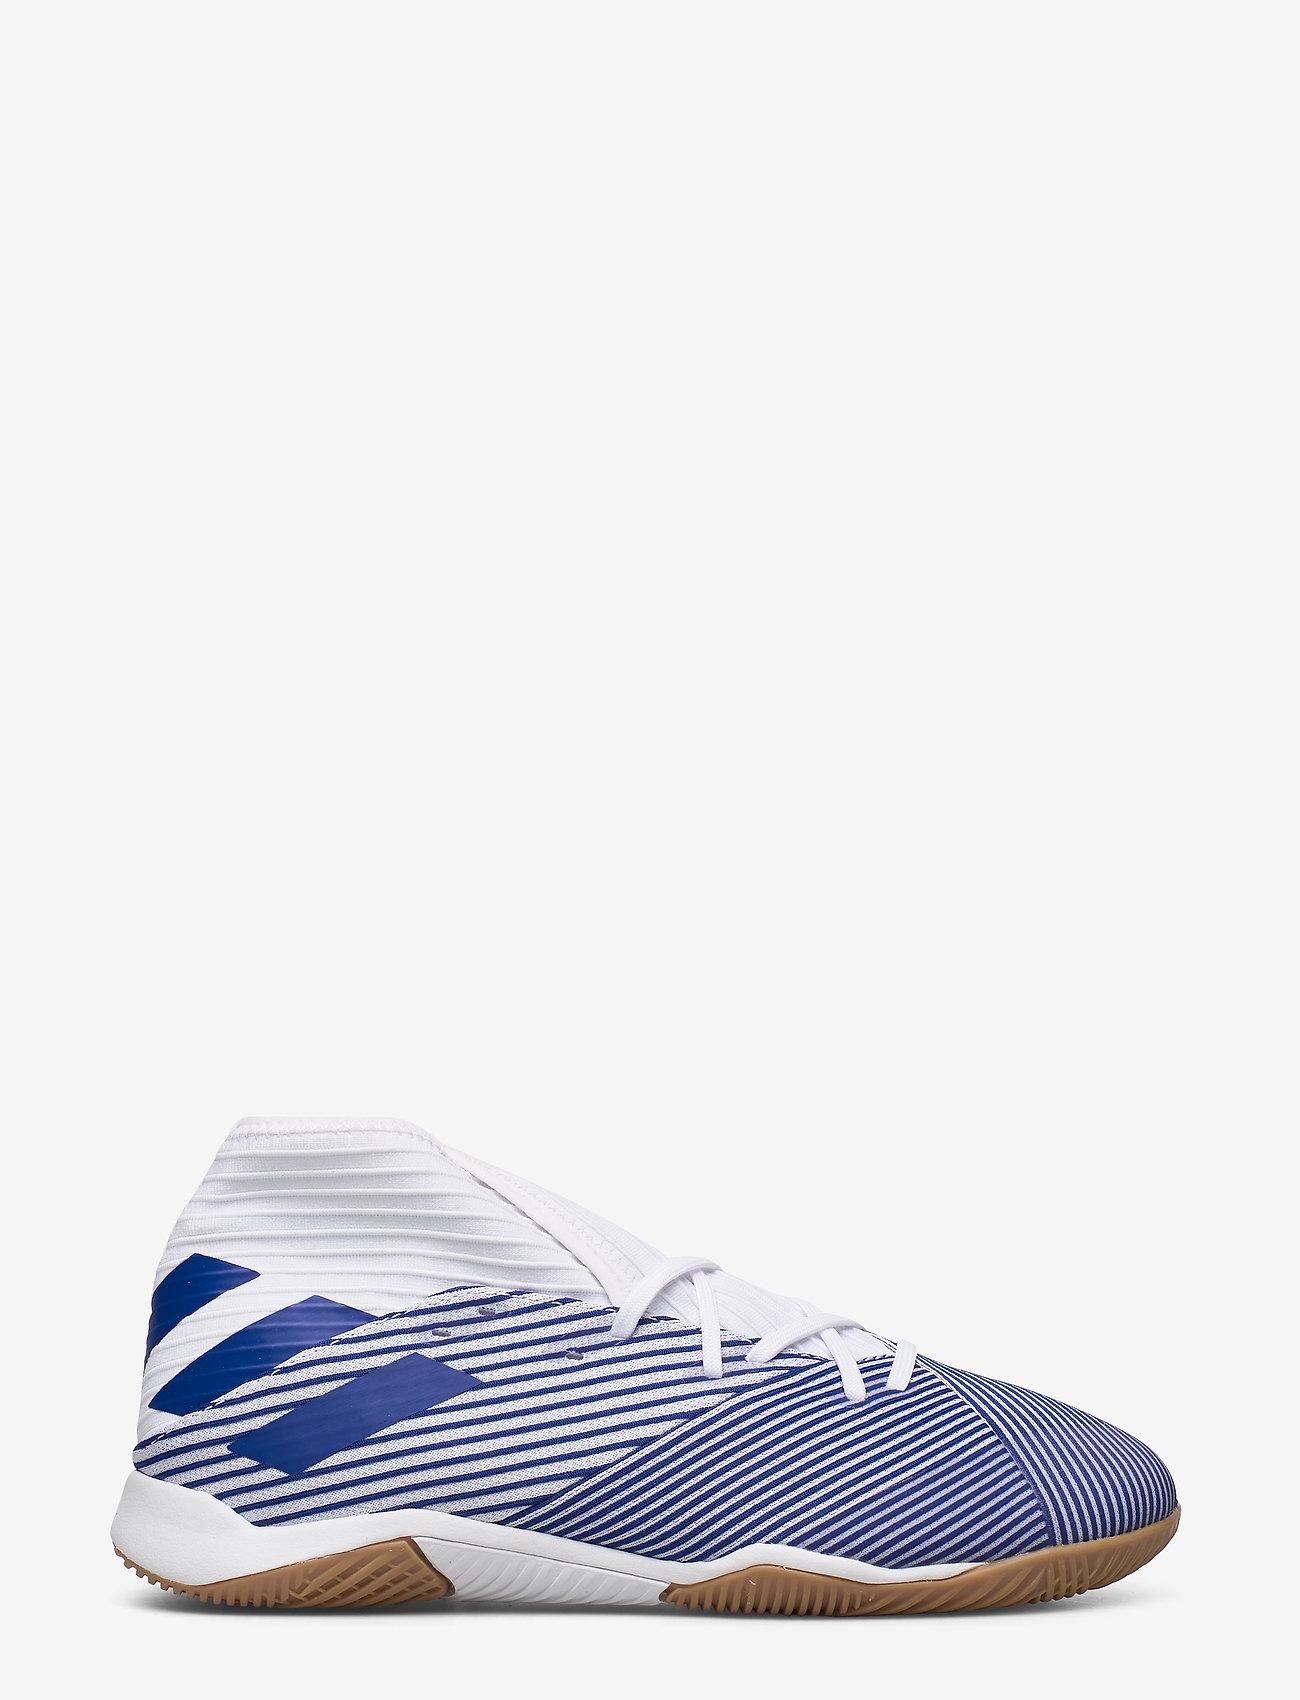 adidas Performance - NEMEZIZ 19.3 IN - jalkapallokengät - ftwwht/royblu/royblu - 1